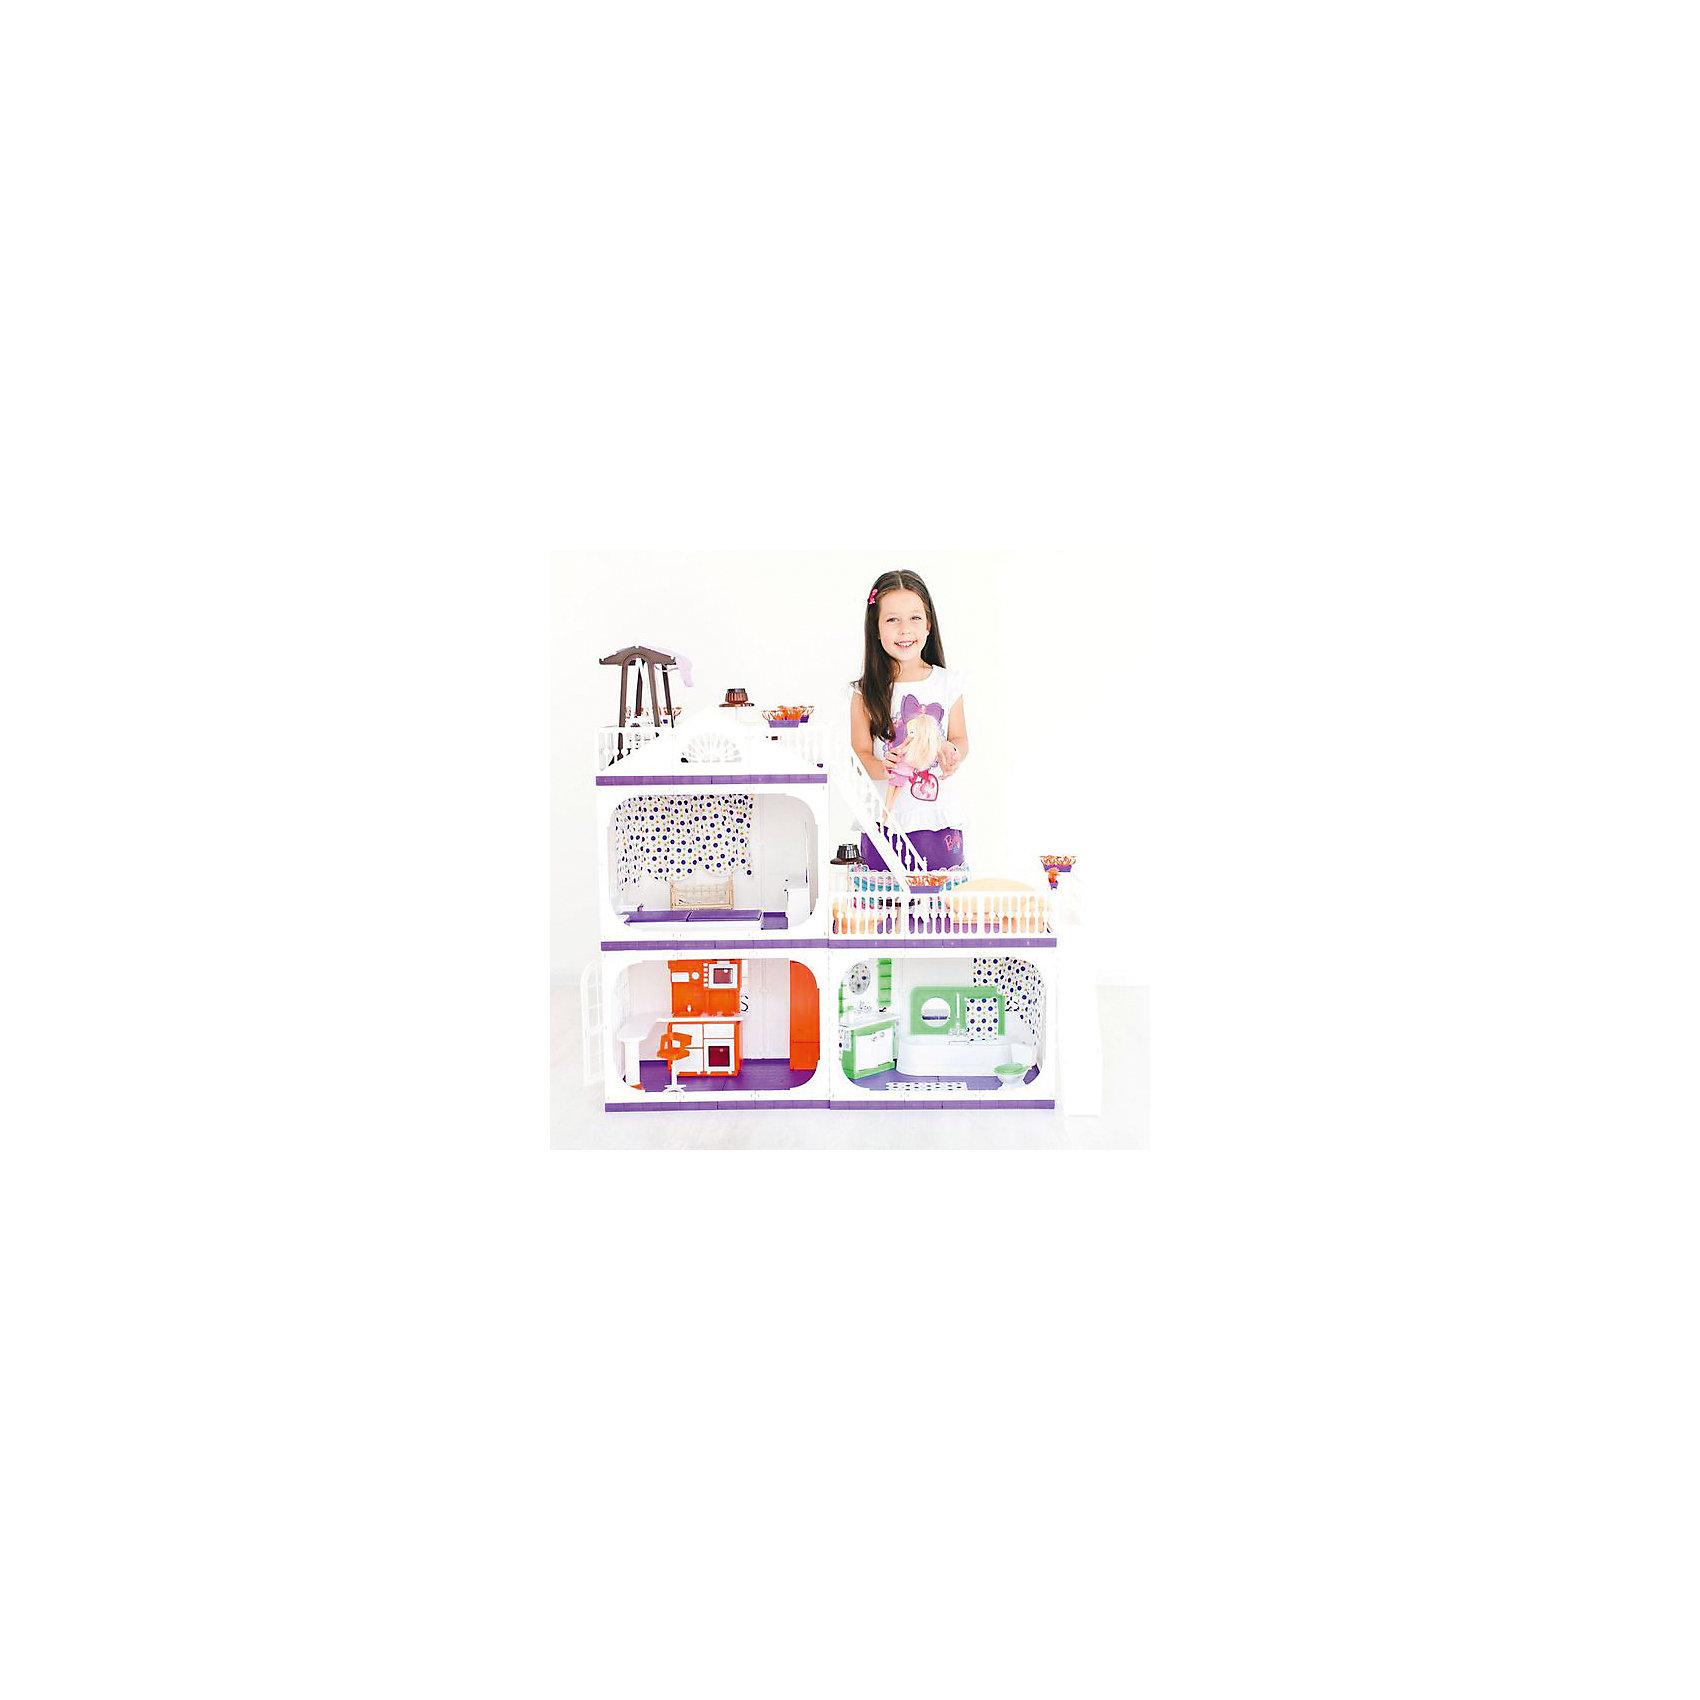 Коттедж для кукол Barbie Конфетти, с мебелью, ОгонекИгрушечные домики и замки<br>Характеристики товара:<br><br>• возраст: от 3 лет;<br>• материал: пластик;<br>• в комплекте: дом, ванная, кровать, люлька, качели, кухня, диван, кресла;<br>• подходит для кукол высотой до 30 см;<br>• размер домика: 105х33х90 см;<br>• вес домика: 7 кг;<br>• размер упаковки: 50х46х46 см;<br>• вес упаковки: 10 кг;<br>• страна производитель: Россия.<br><br>Коттедж для кукол Barbie «Конфетти» Огонек — настоящий домик для любимой куколки девочки. Он подойдет для кукол высотой до 30 см. Коттедж состоит из 3 комнат и 2 террас для летнего отдыха. На первом этаже домика расположились ванная и кухня, где кукла будет готовить друзьям вкусные блюда.<br><br>На втором этаже — спальня с кроваткой и люлькой для малыша. Террасы огорожены ажурными ограждениями, на которых висят горшки с цветами. Наверх ведет большая лестница. Двери в домике открываются. Все окна украшены цветными шторками. Дом изготовлен из качественного прочного пластика.<br><br>Коттедж для кукол Barbie «Конфетти» Огонек можно приобрести в нашем интернет-магазине.<br><br>Ширина мм: 460<br>Глубина мм: 460<br>Высота мм: 500<br>Вес г: 10000<br>Возраст от месяцев: 36<br>Возраст до месяцев: 2147483647<br>Пол: Женский<br>Возраст: Детский<br>SKU: 6725413